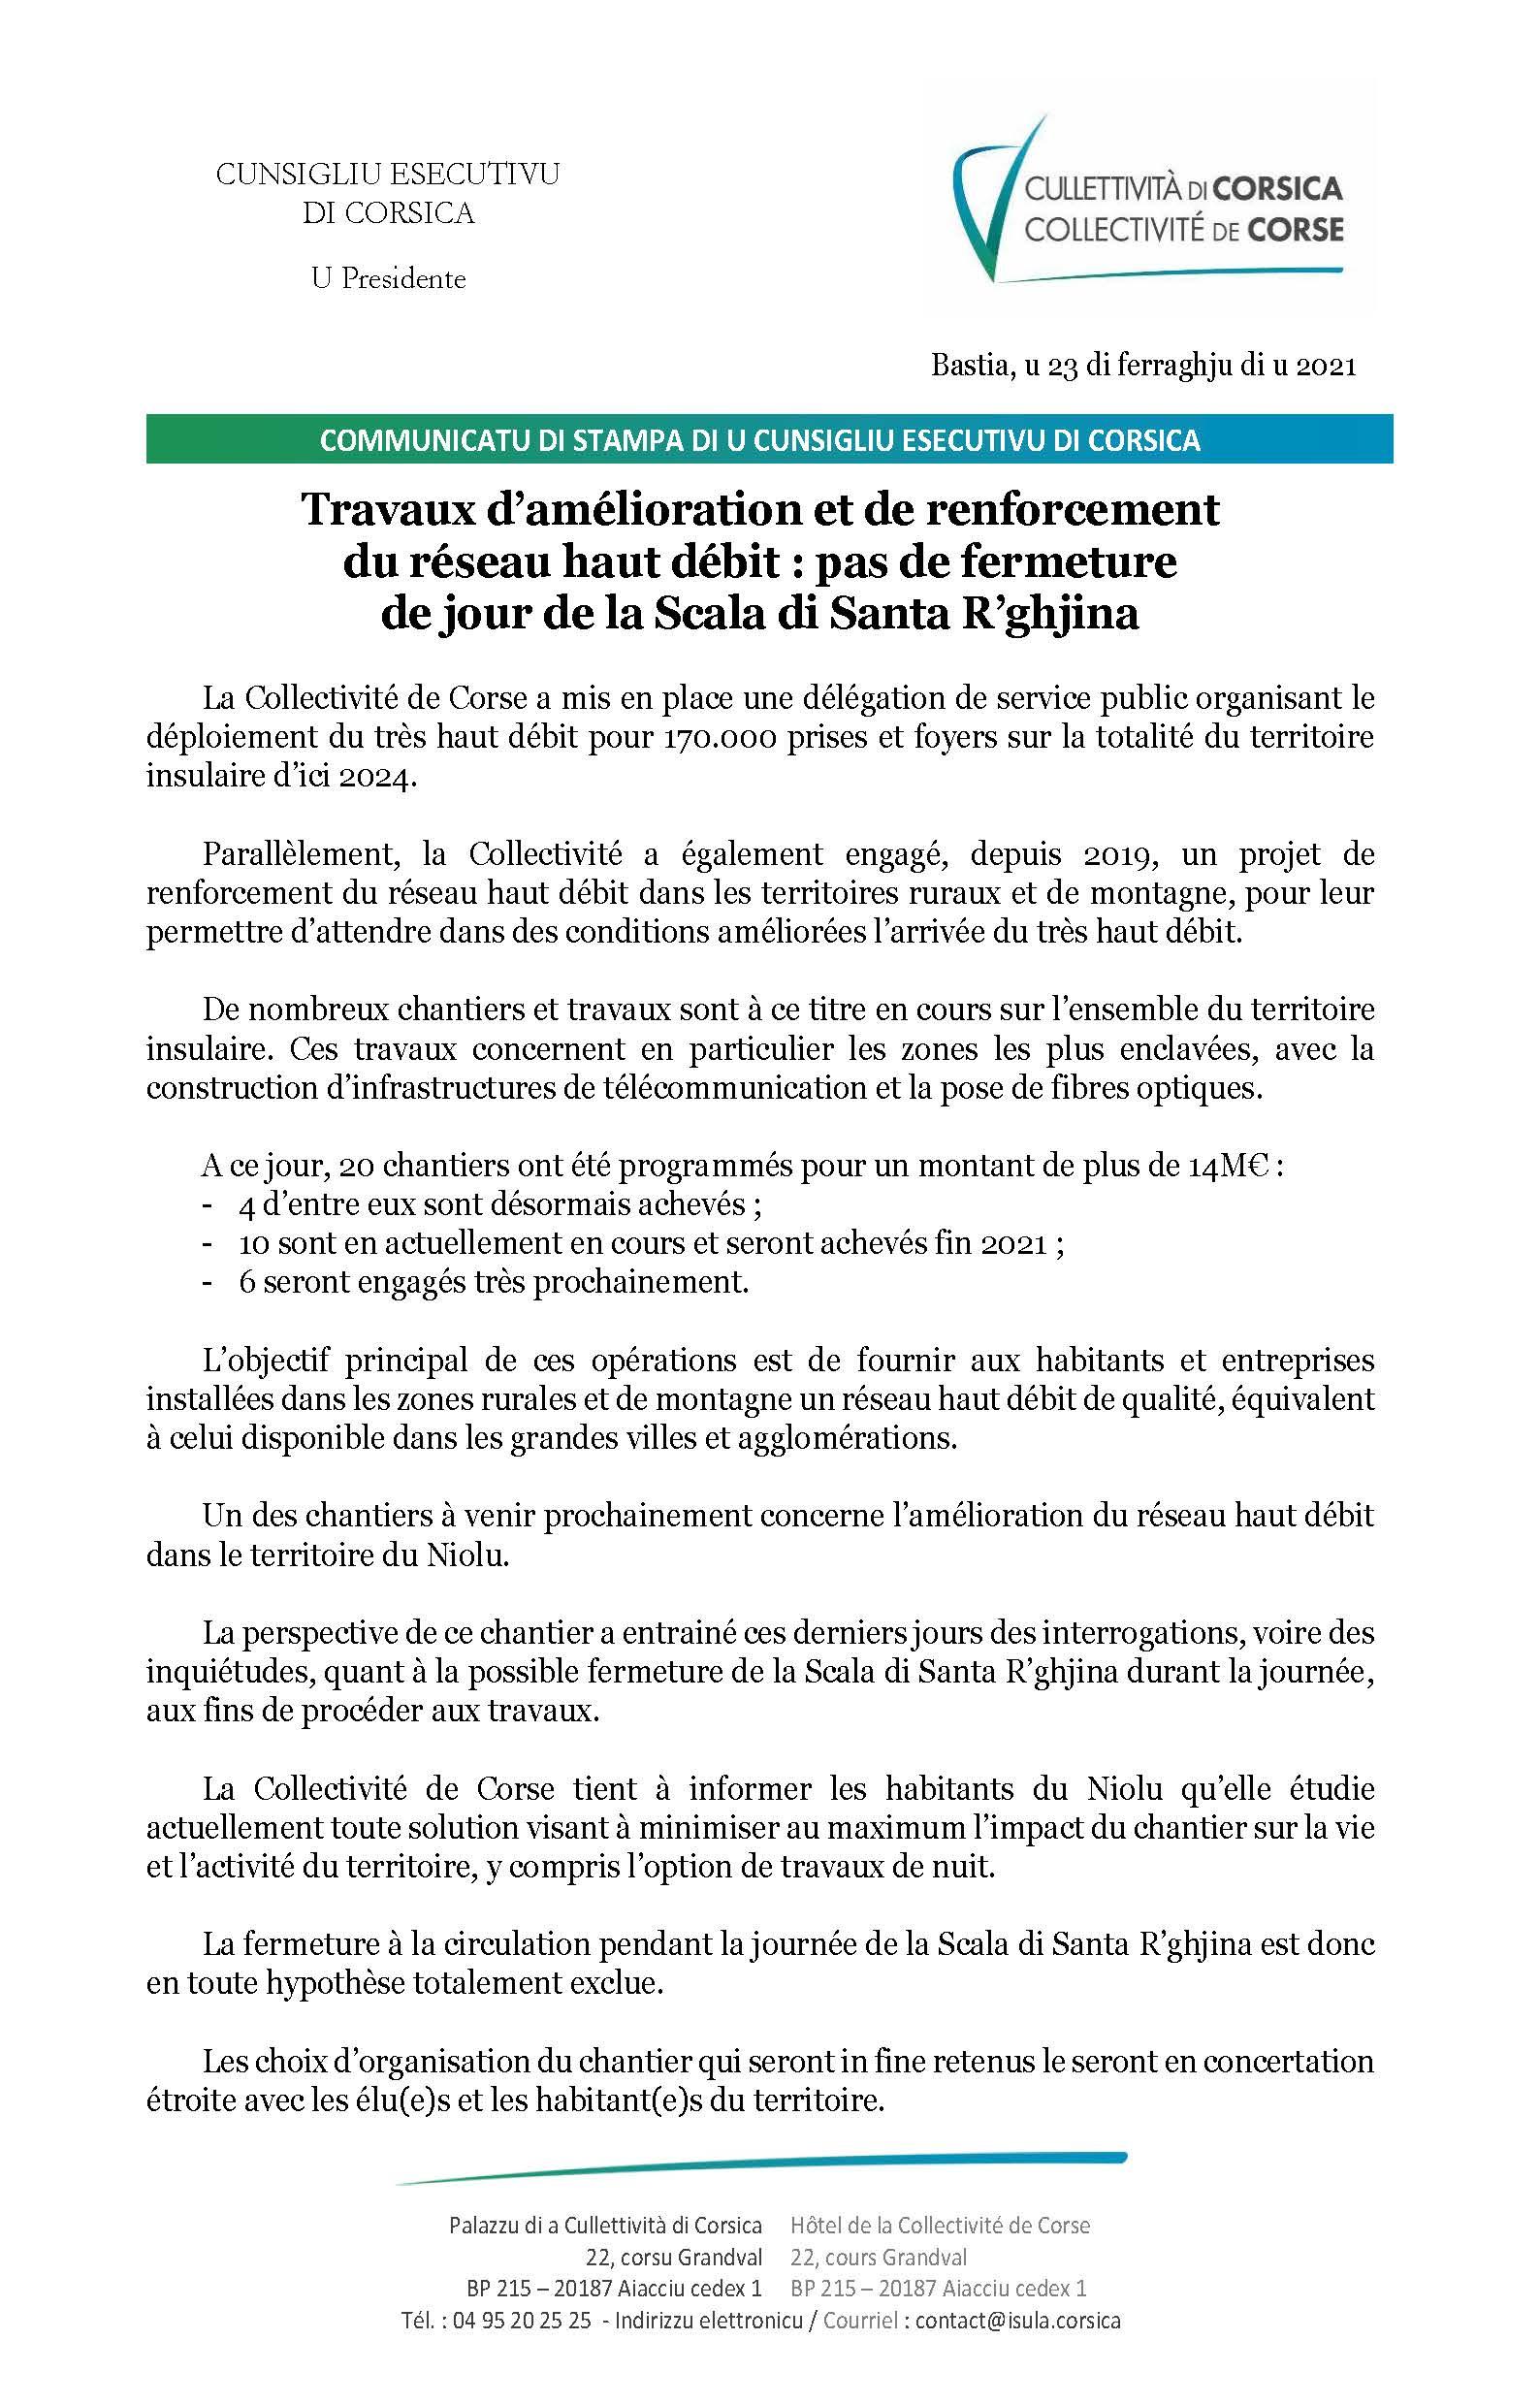 Cumunicatu di stampa di u Cunsigliu esecutivu di Corsica di u 23 di ferraghju di u 2021